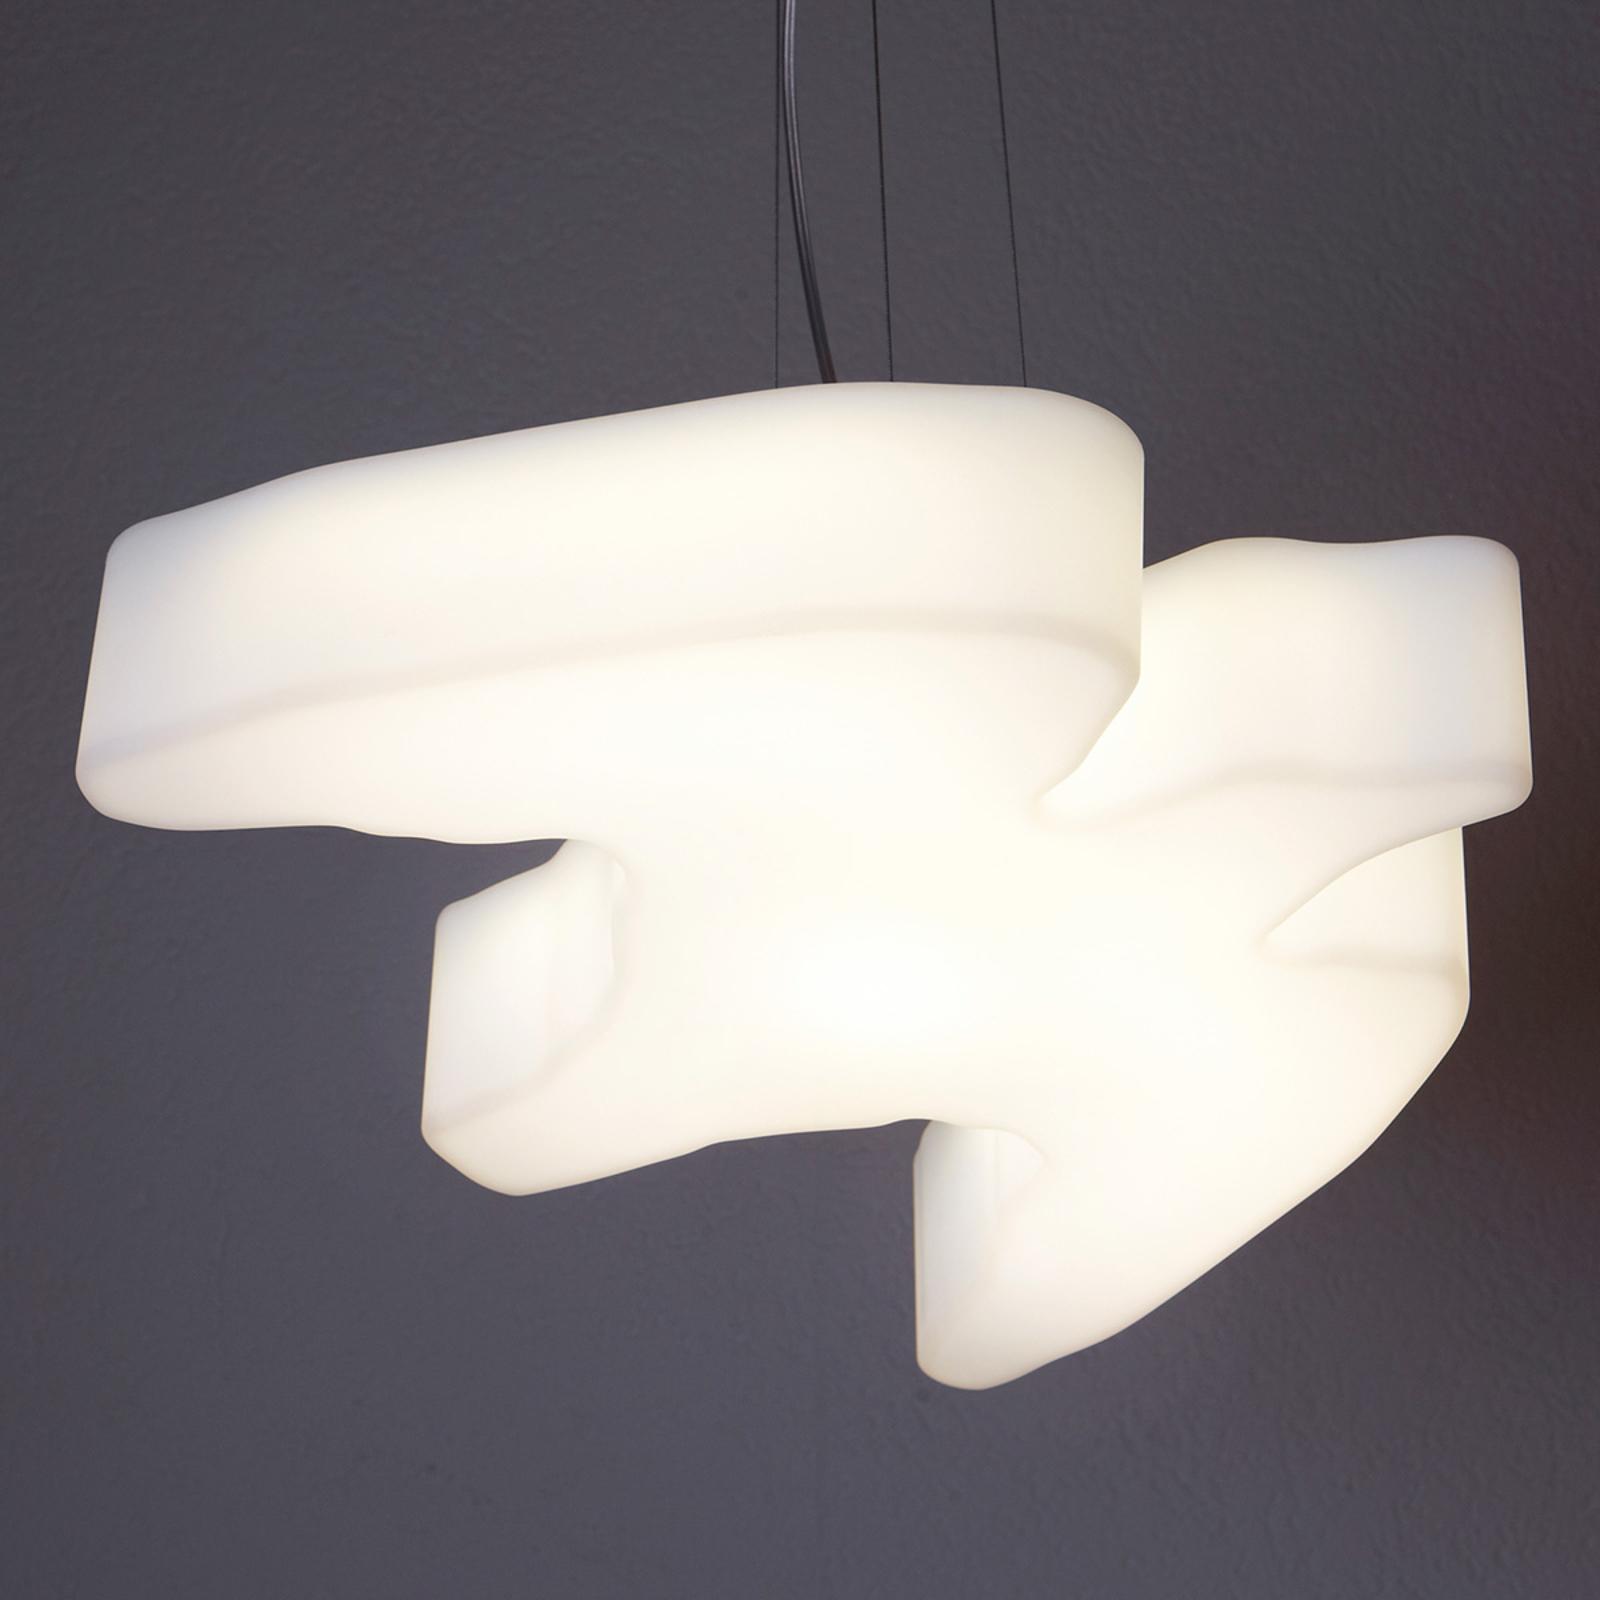 Závesné LED svietidlo The Bird_3050185_1